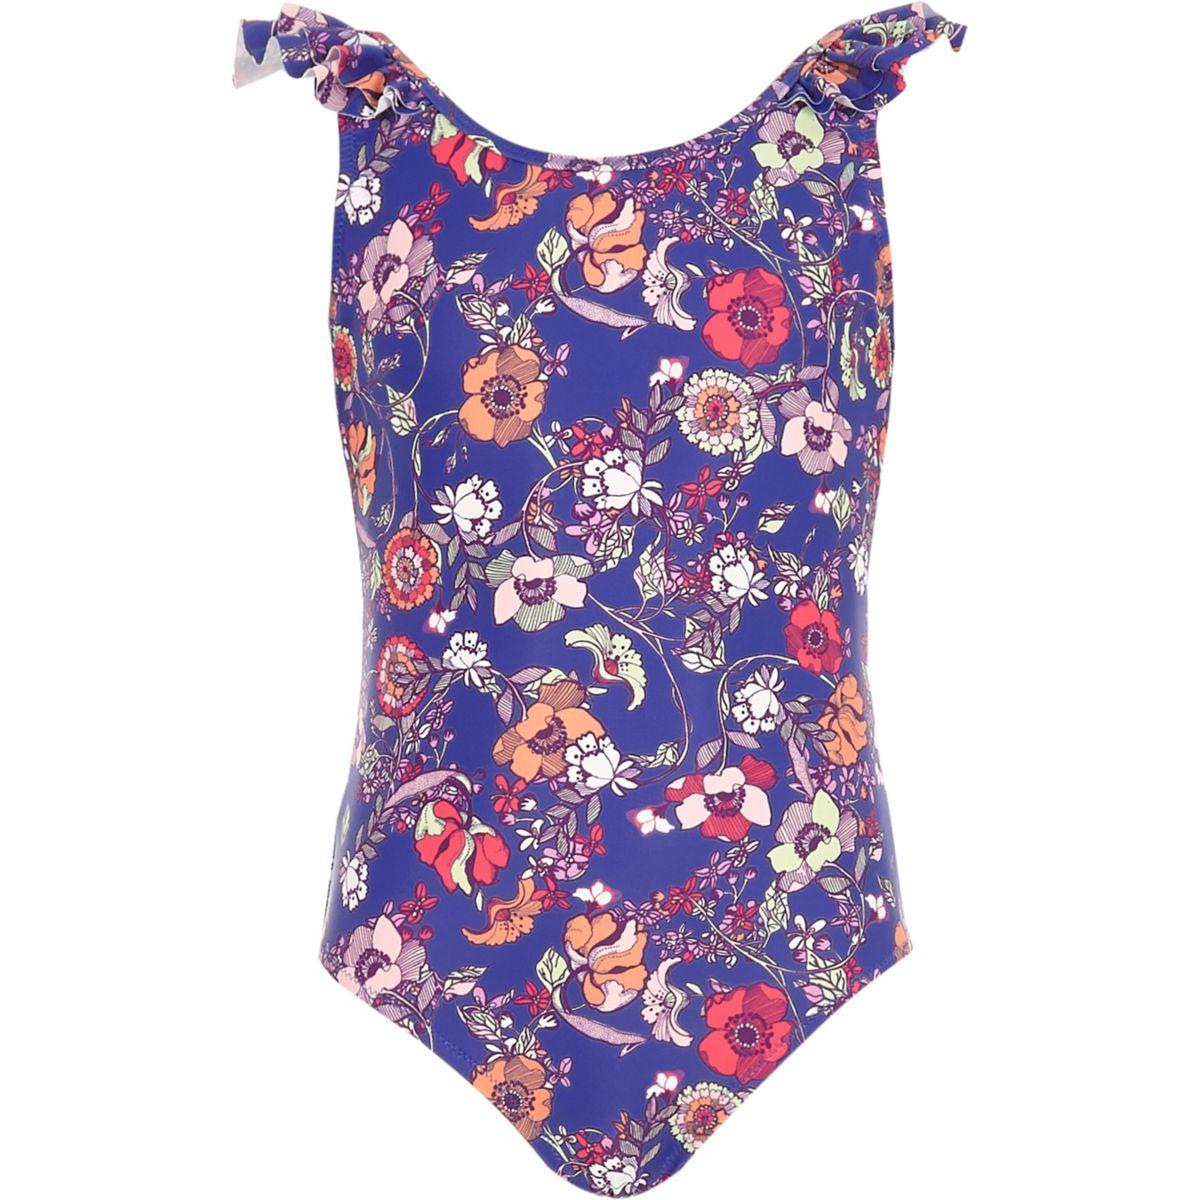 Maillot de bain à fleurs bleu pour fille